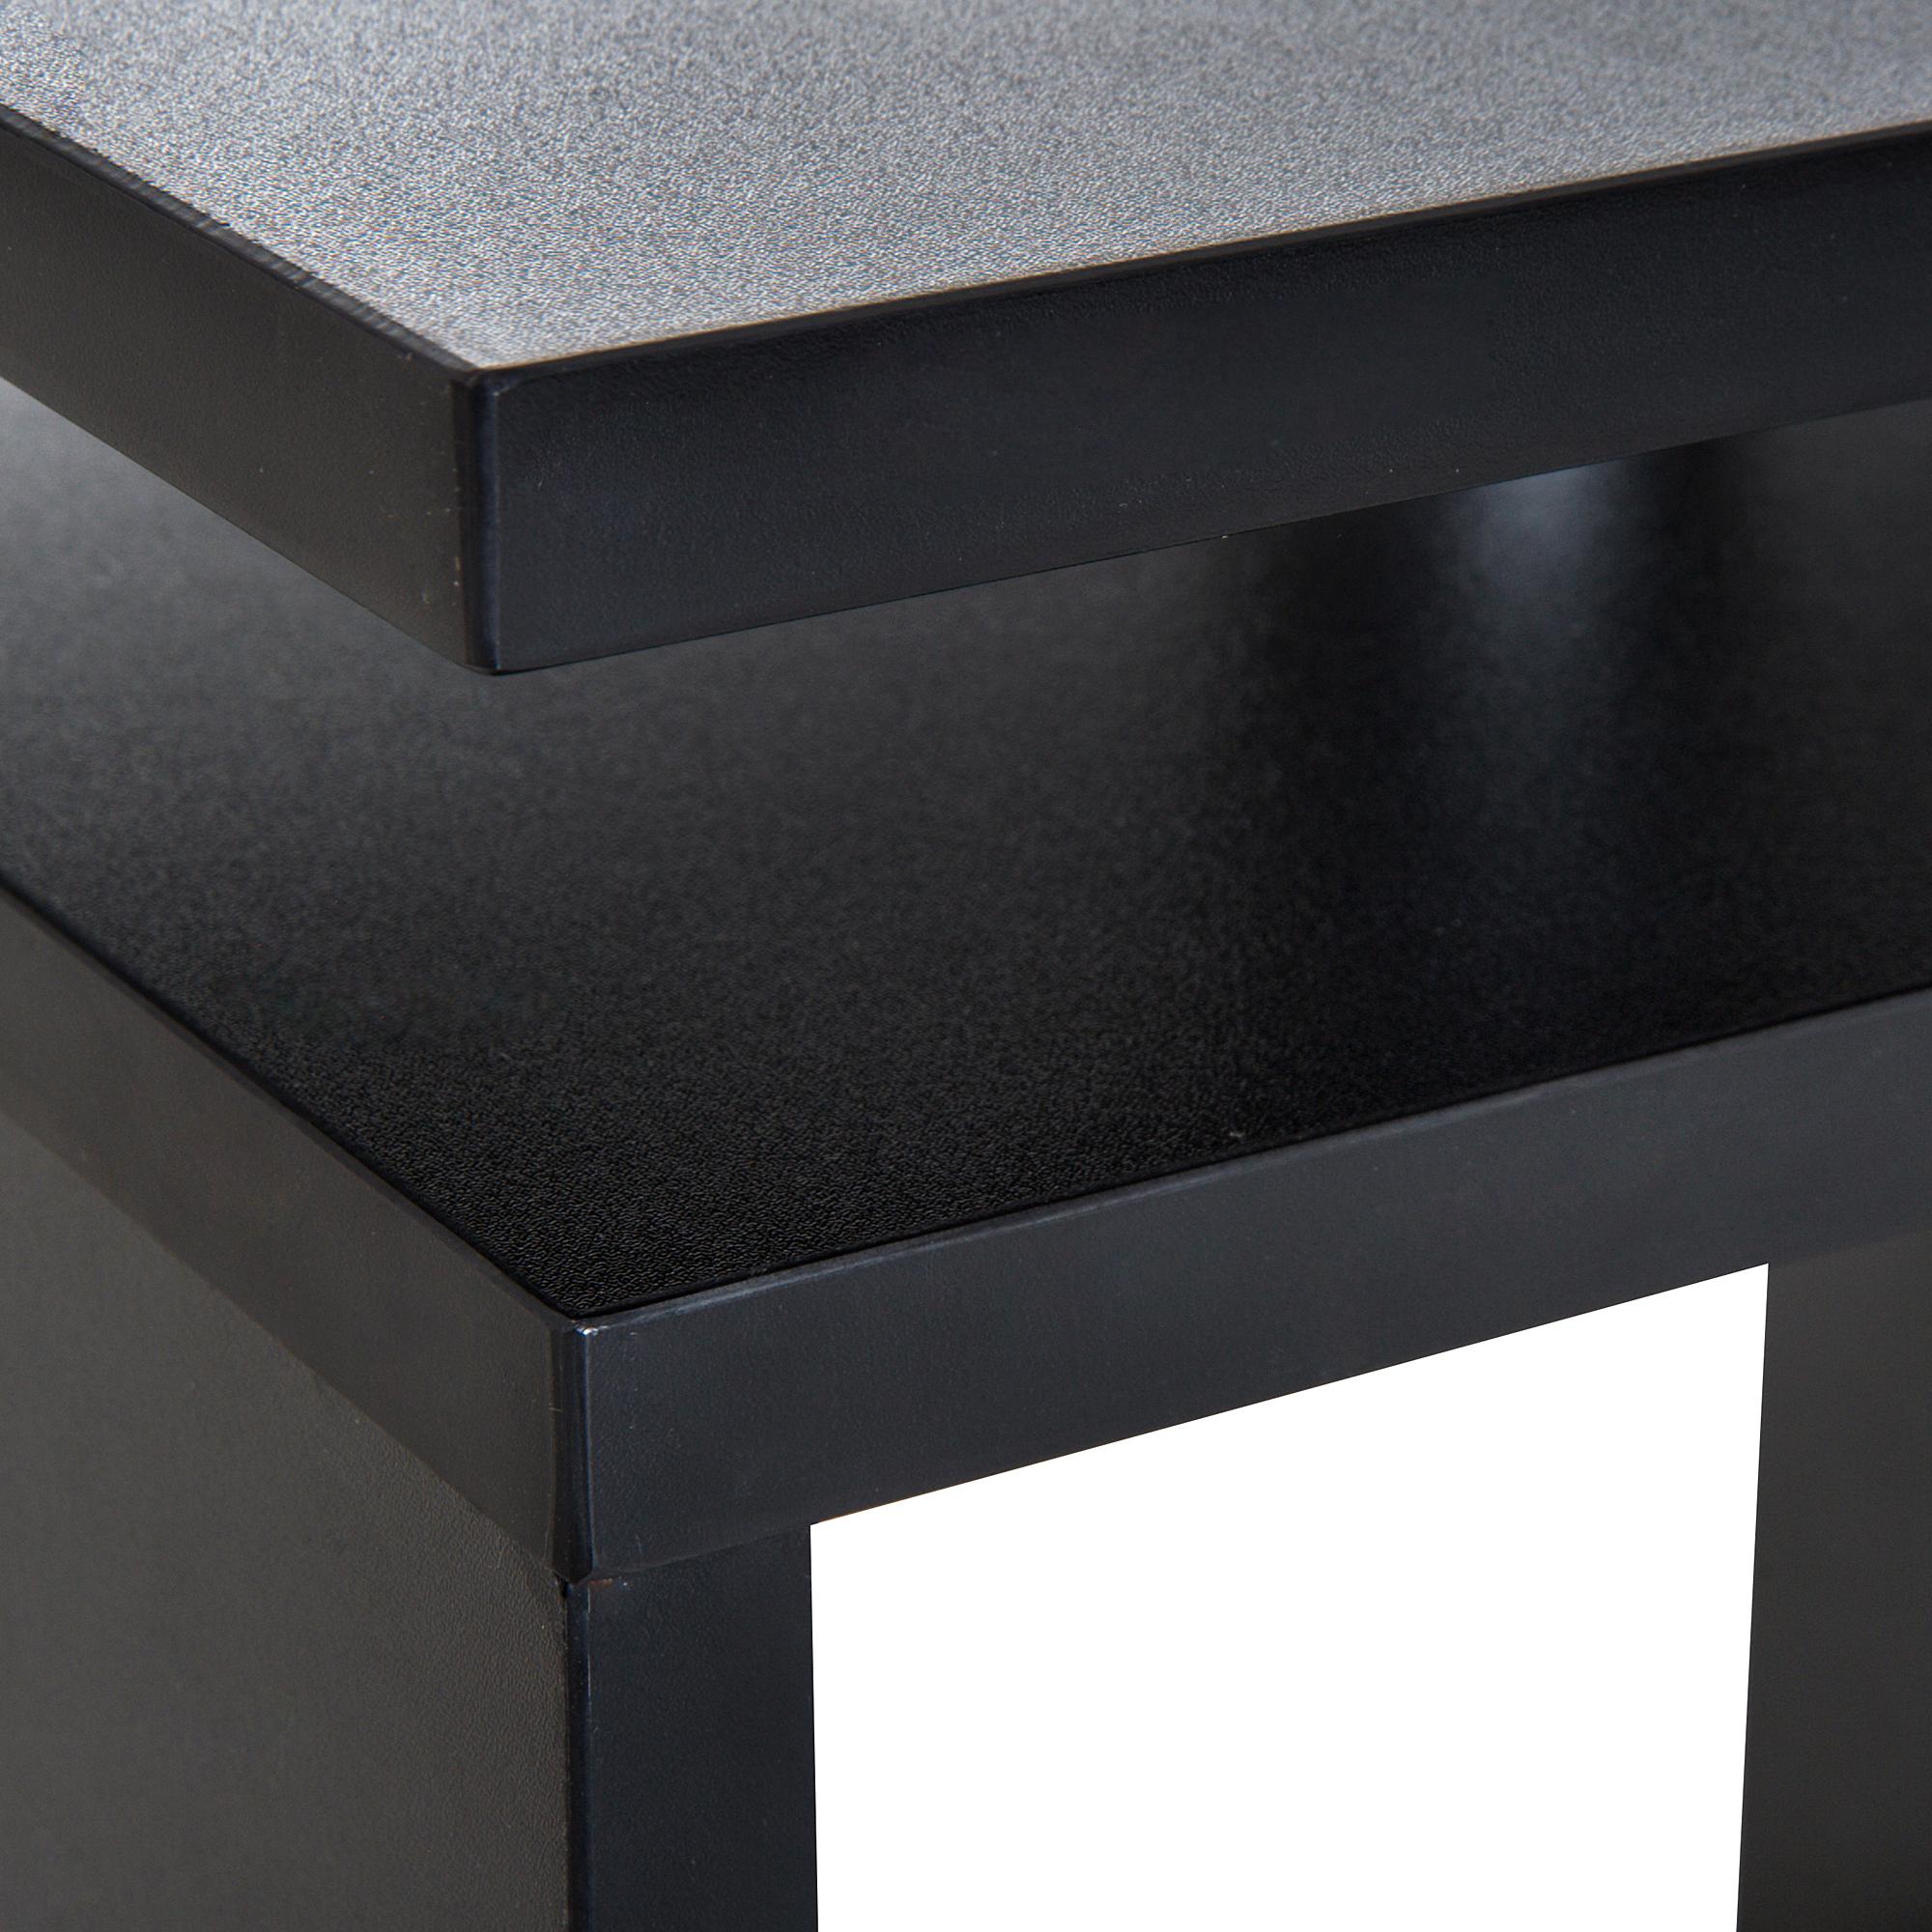 Details Sur Homcom Table Basse Contemporaine Design Geometrique